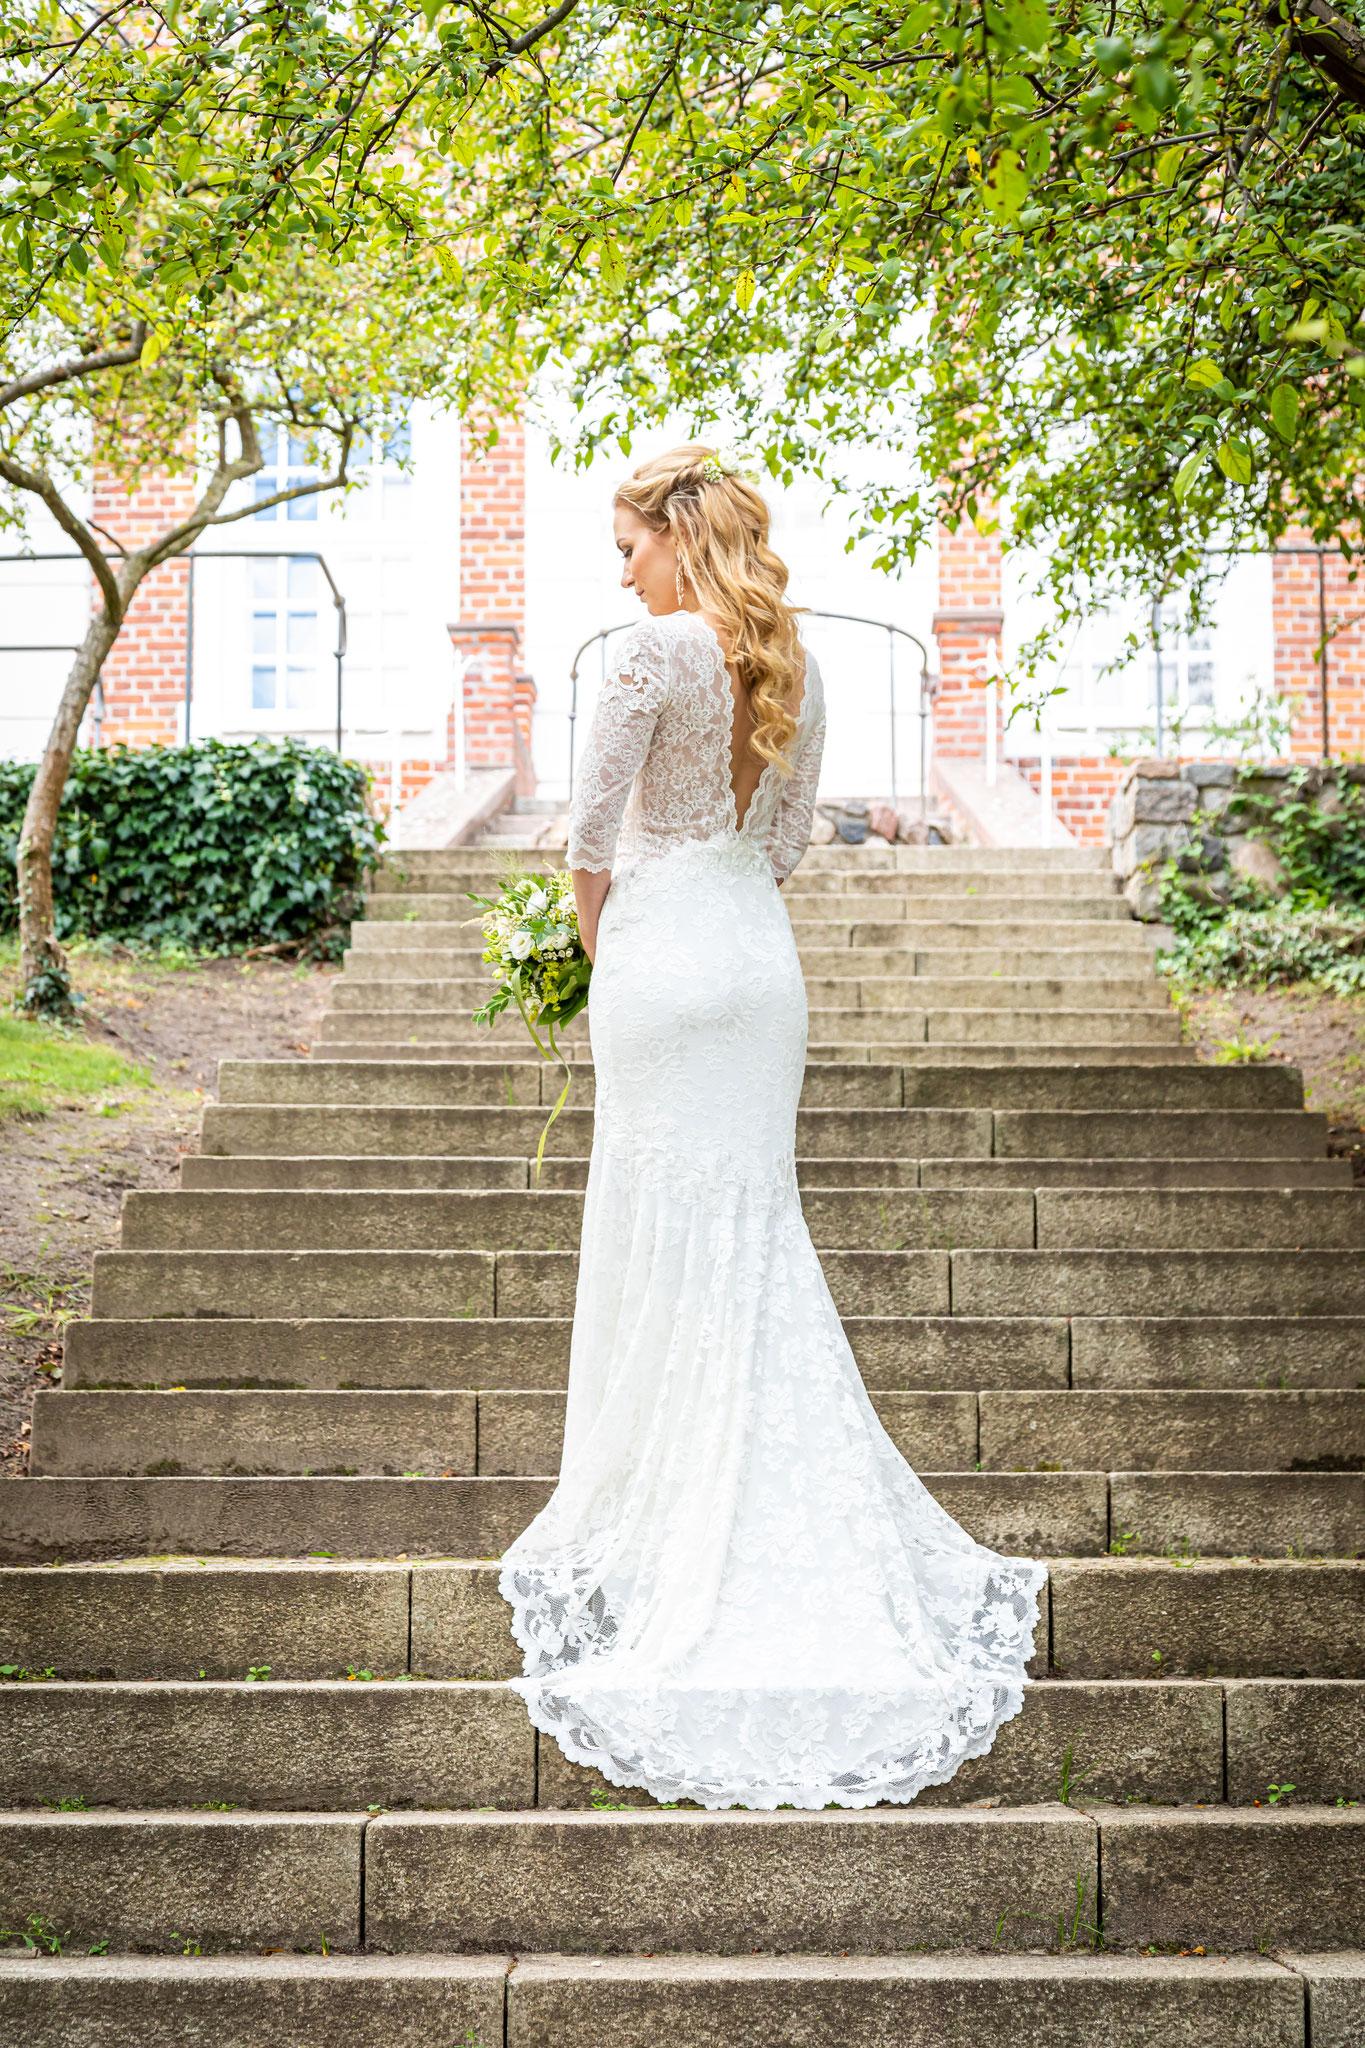 Hochzeitsfotograf Hamburg, Debo-Fotografie . Die besten Hochzeitsfotos, Hochzeitsfotografen Deutschland.